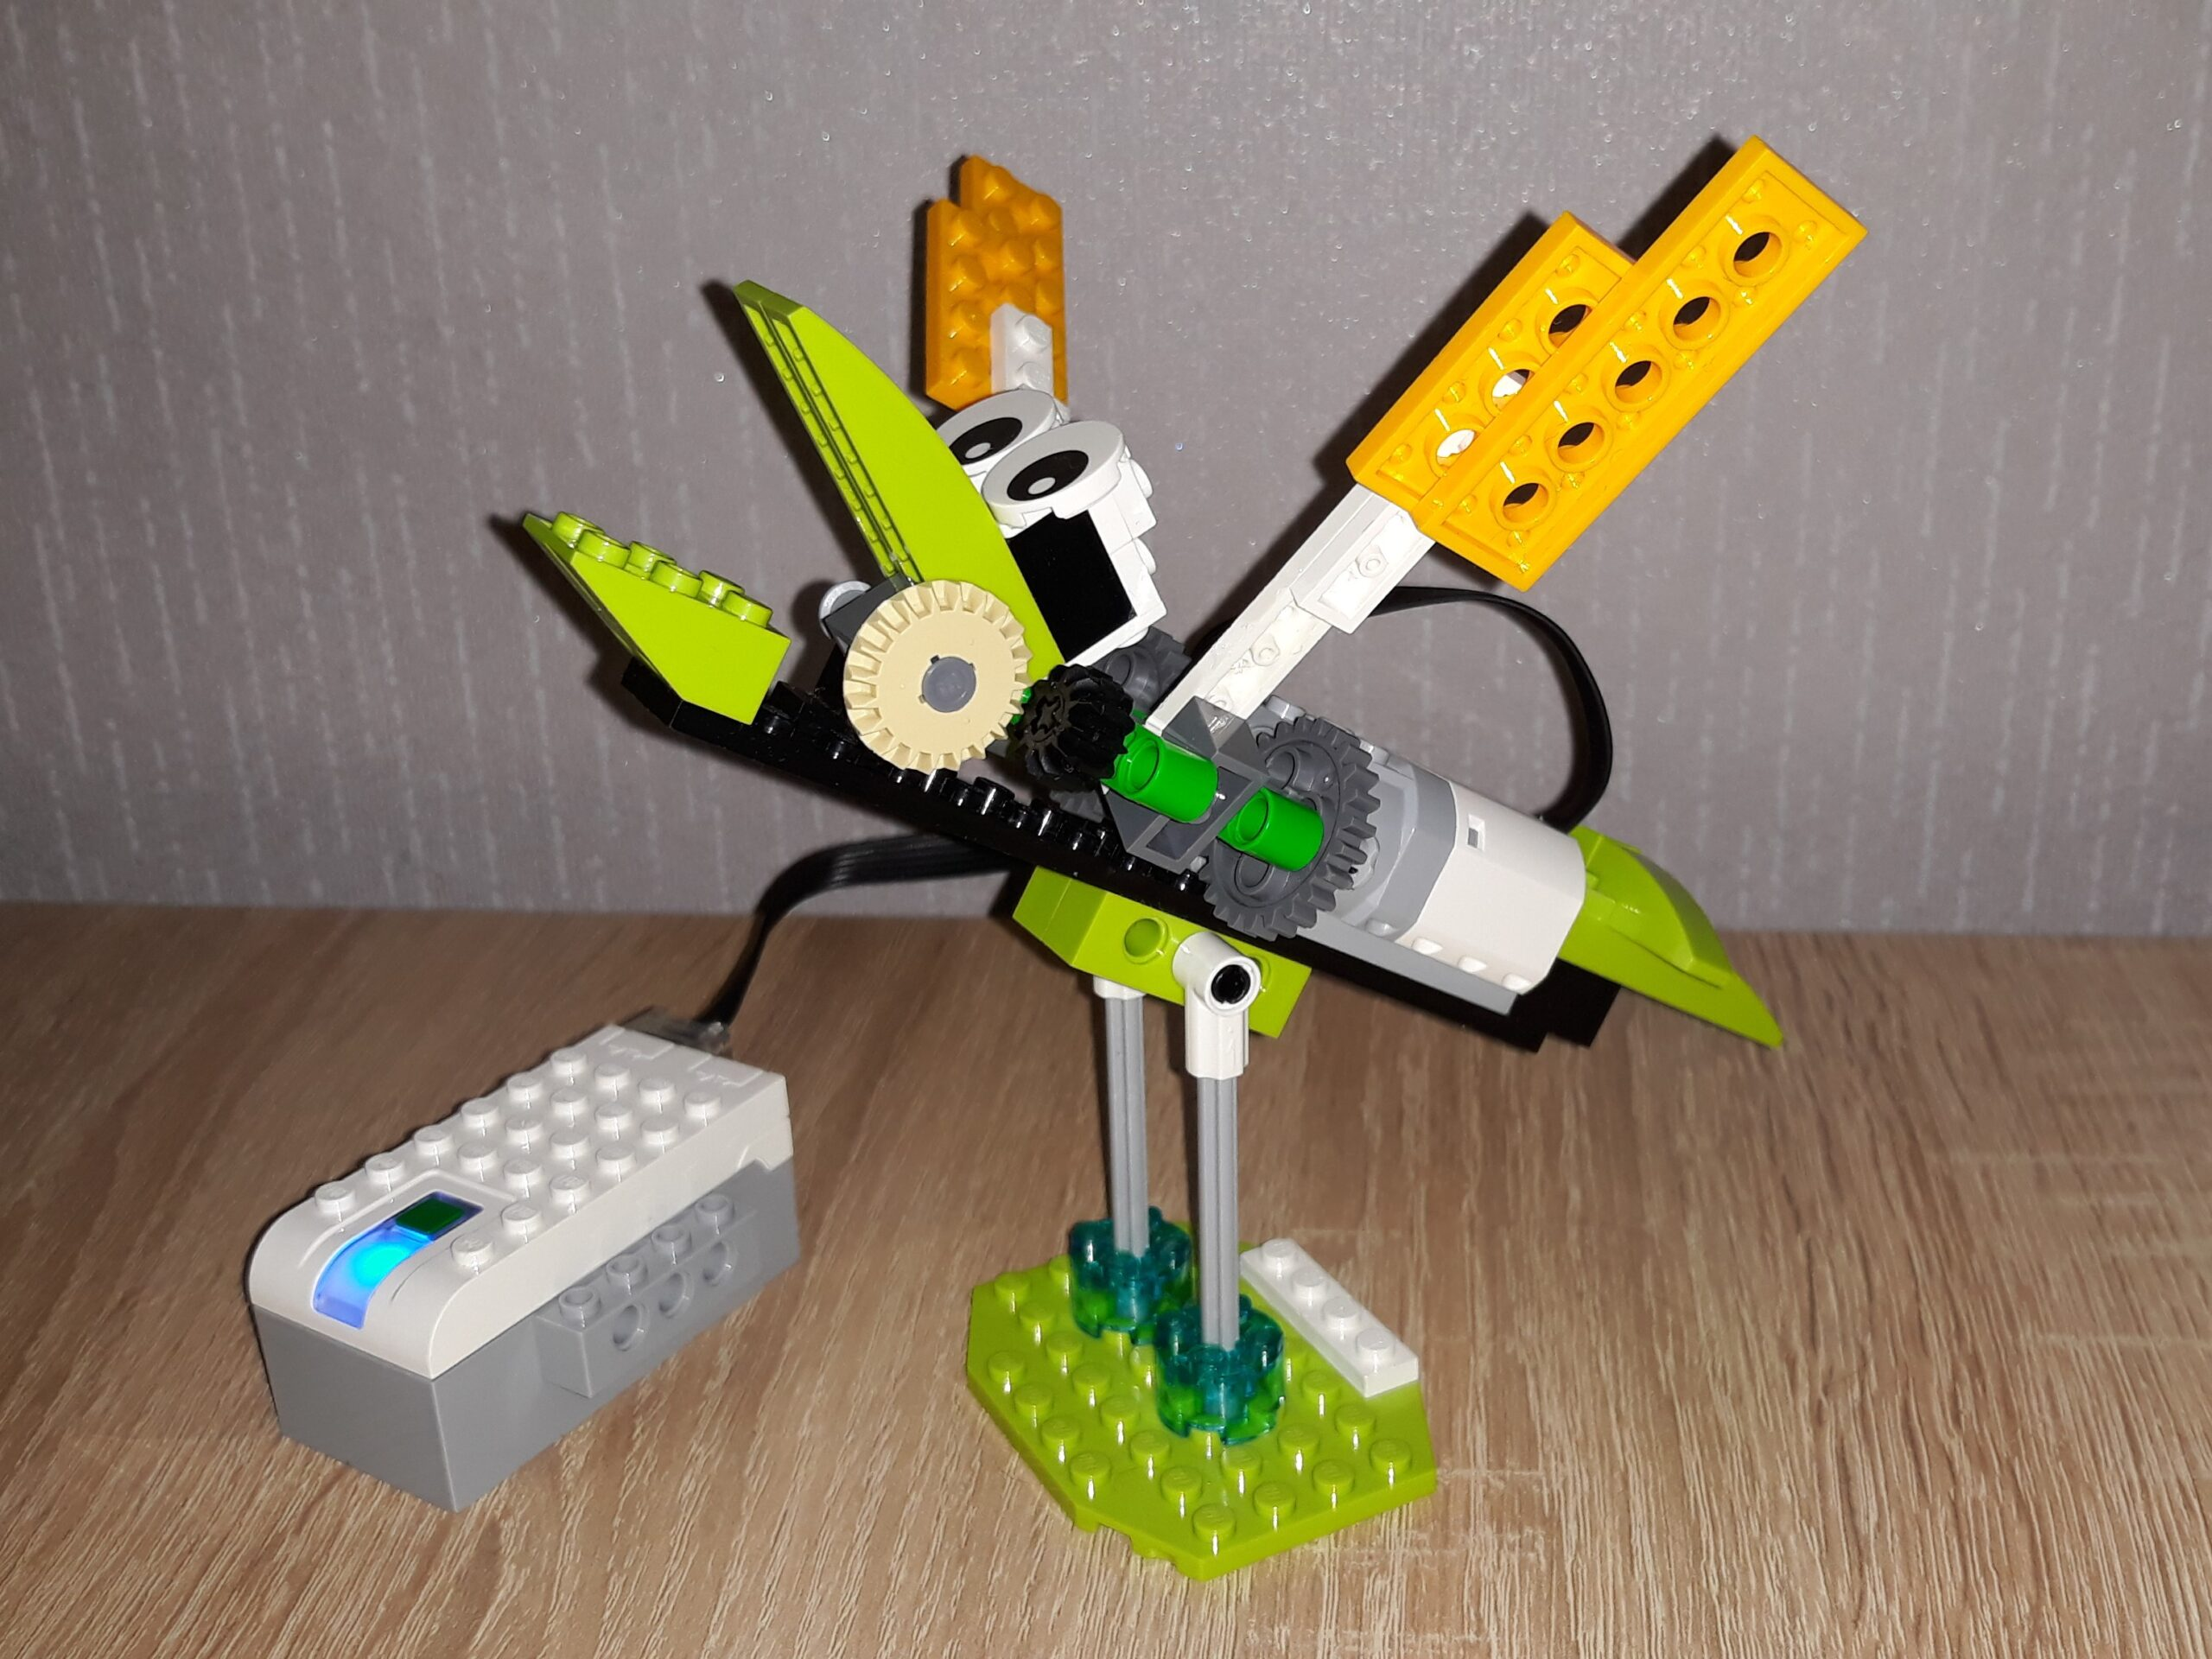 Инструкция по сборке из набора LEGO Education WeDo 2.0 Птенец